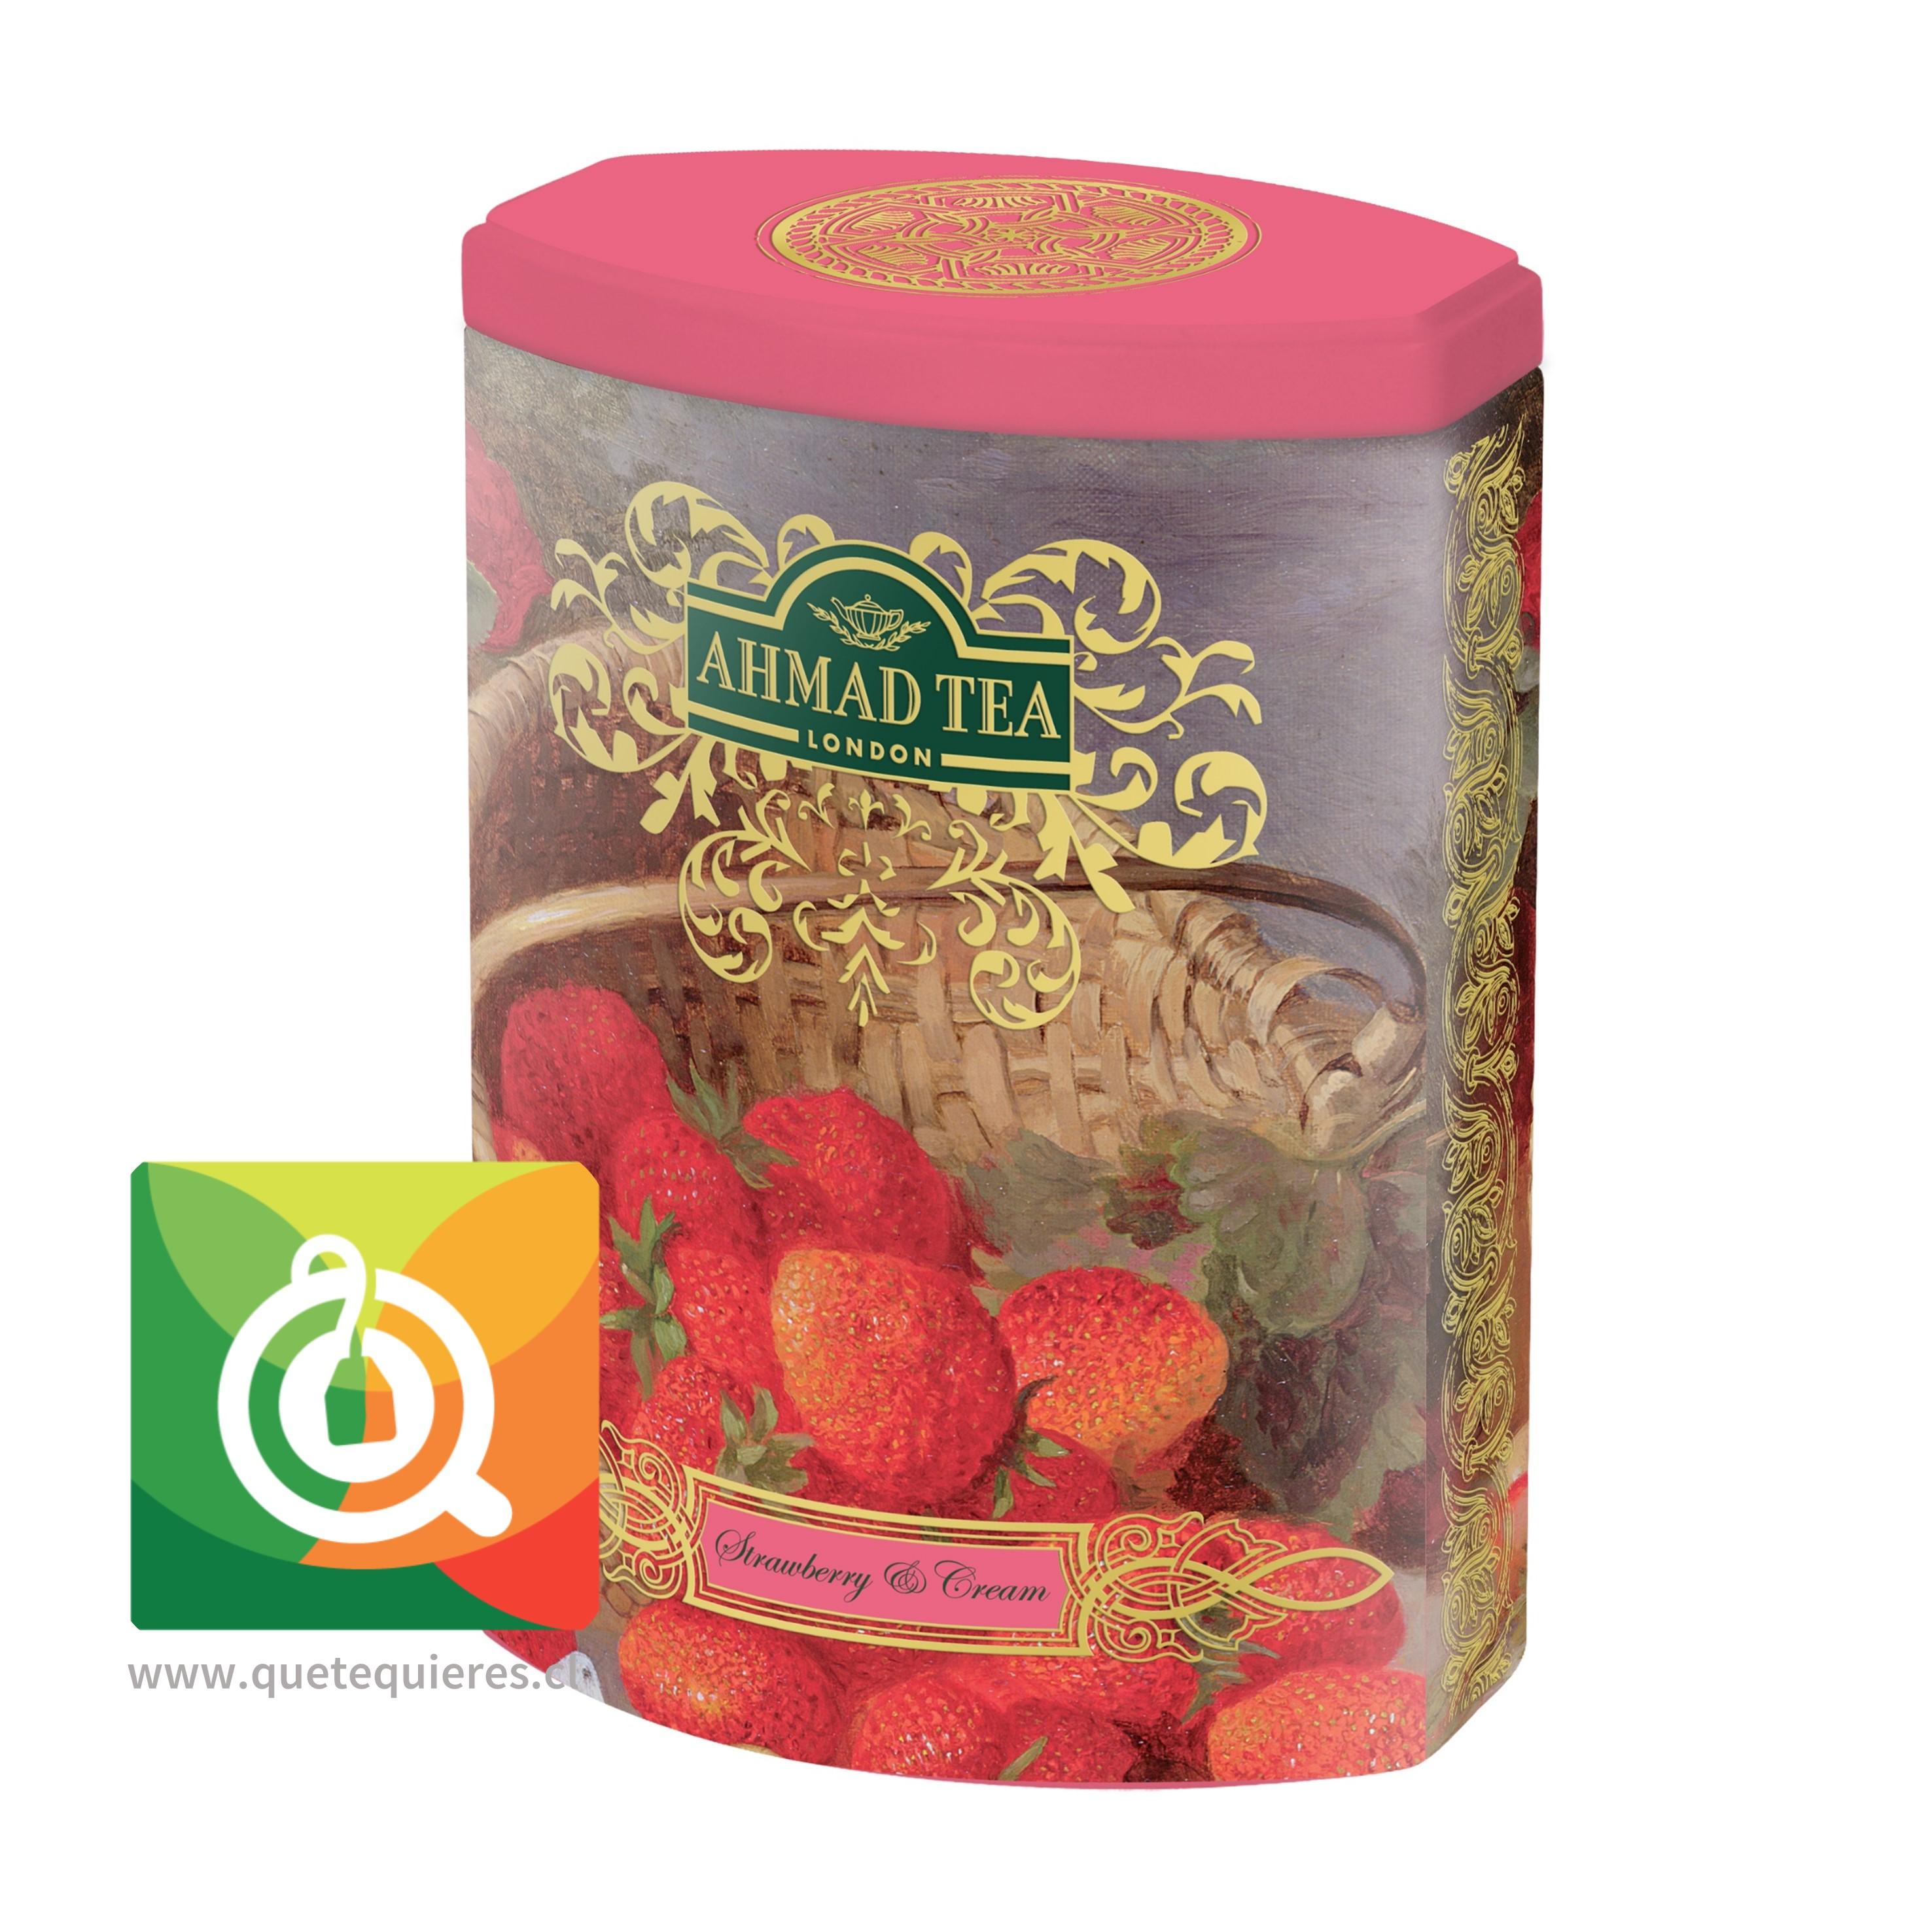 Ahmad Lata con Diseño Té Negro Frutilla y Crema - Ahmad Strawberry & Cream